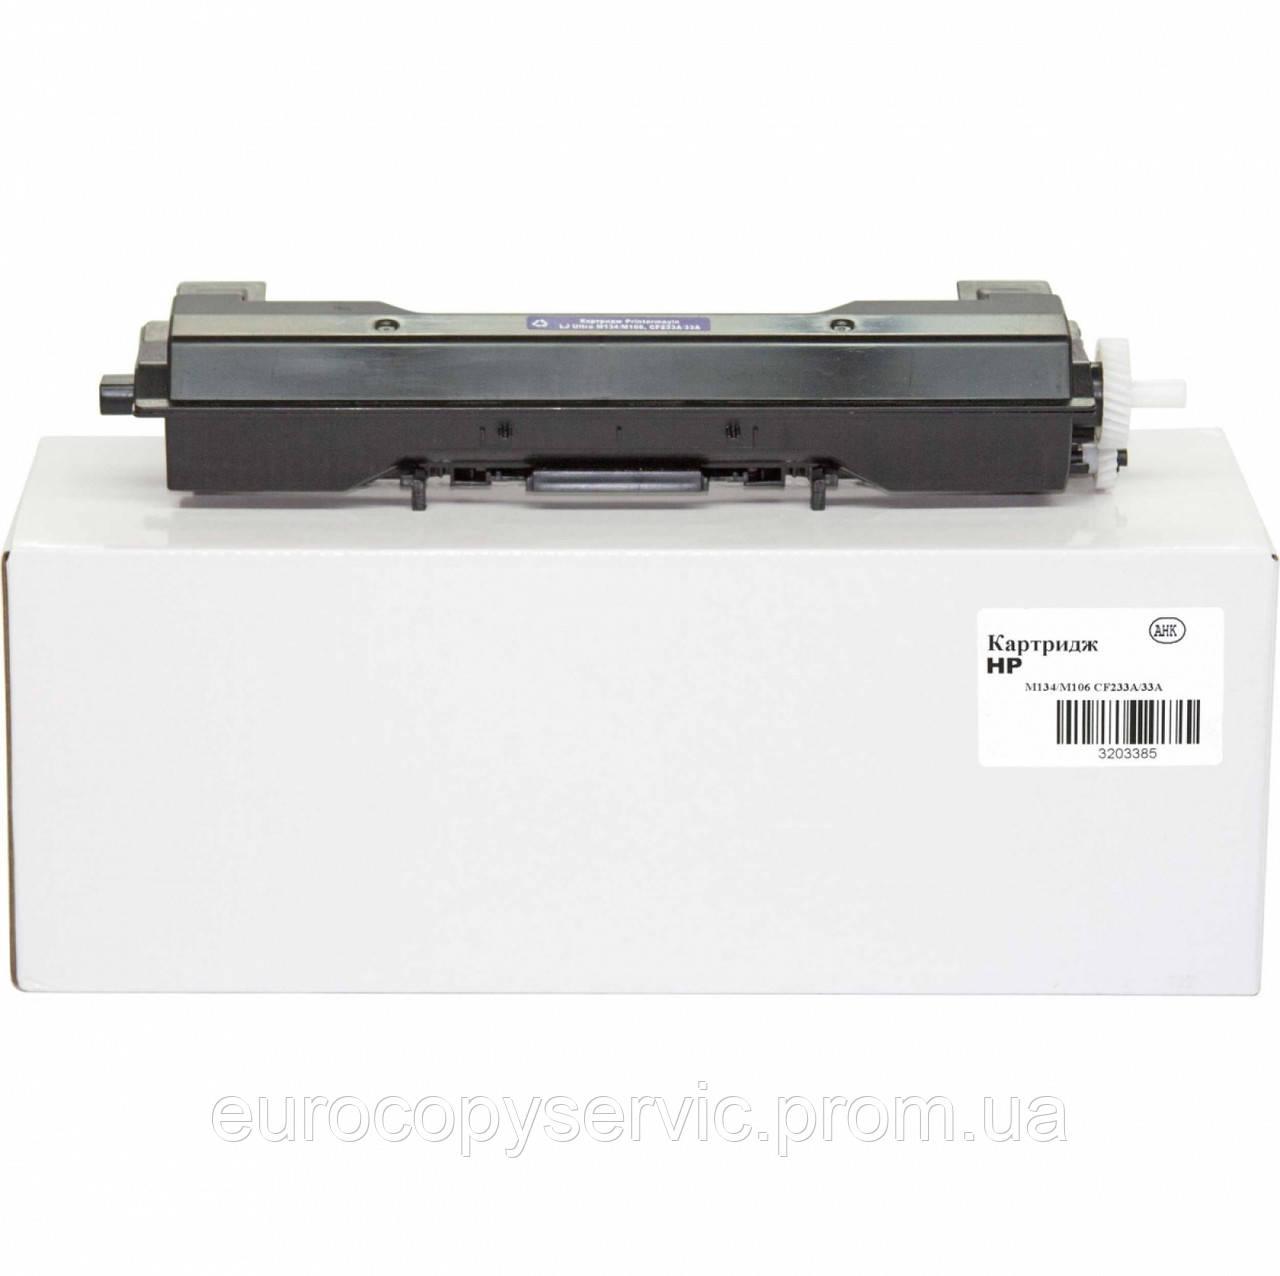 Тонер-картридж АНК для HP LJ Ultra M106 / M134 аналог CF233A Black (3203385)